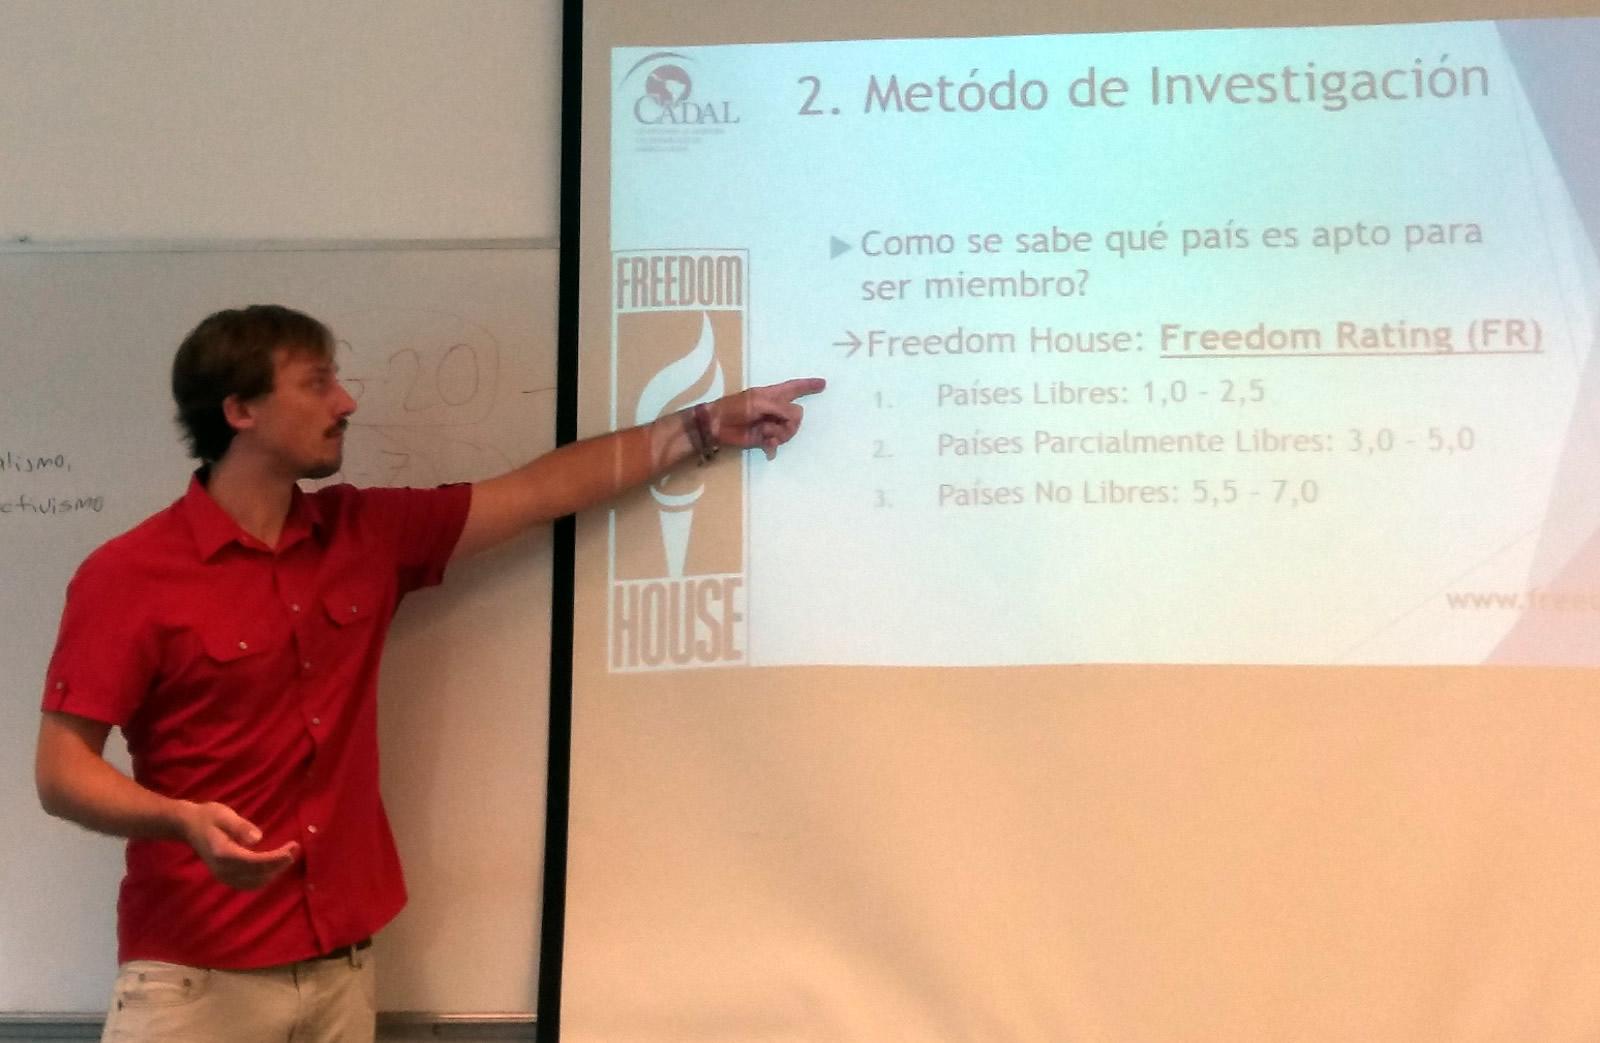 Matthias Peschke es estudiante de Ciencia Política en la Universidad de Bremen en la UCEMA.